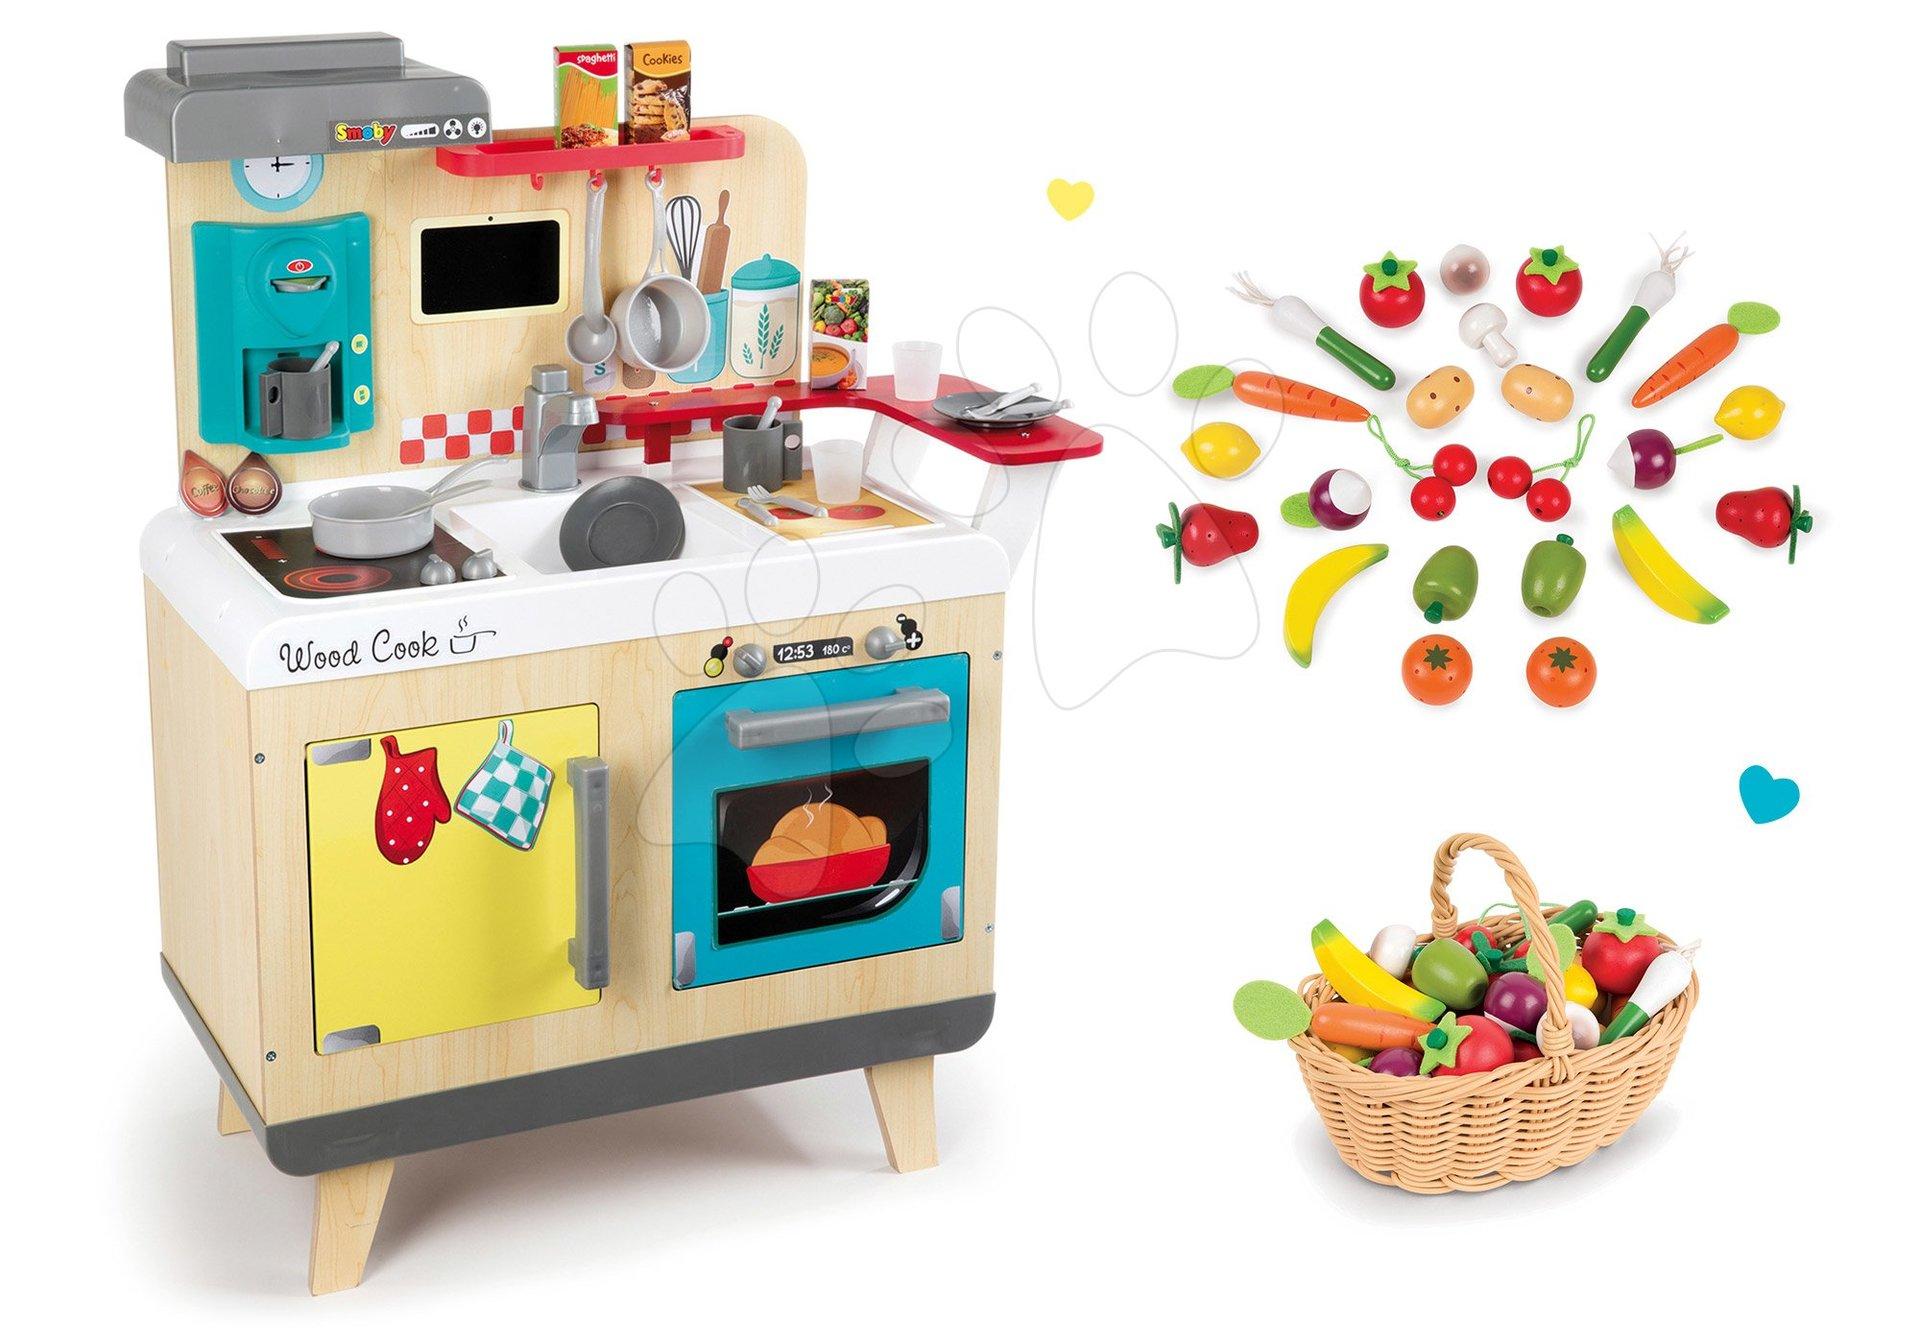 Set drevená kuchynka Wood Cook Smoby s kávovarom a drevená zelenina a ovocie v prútenom košíku 24 ks